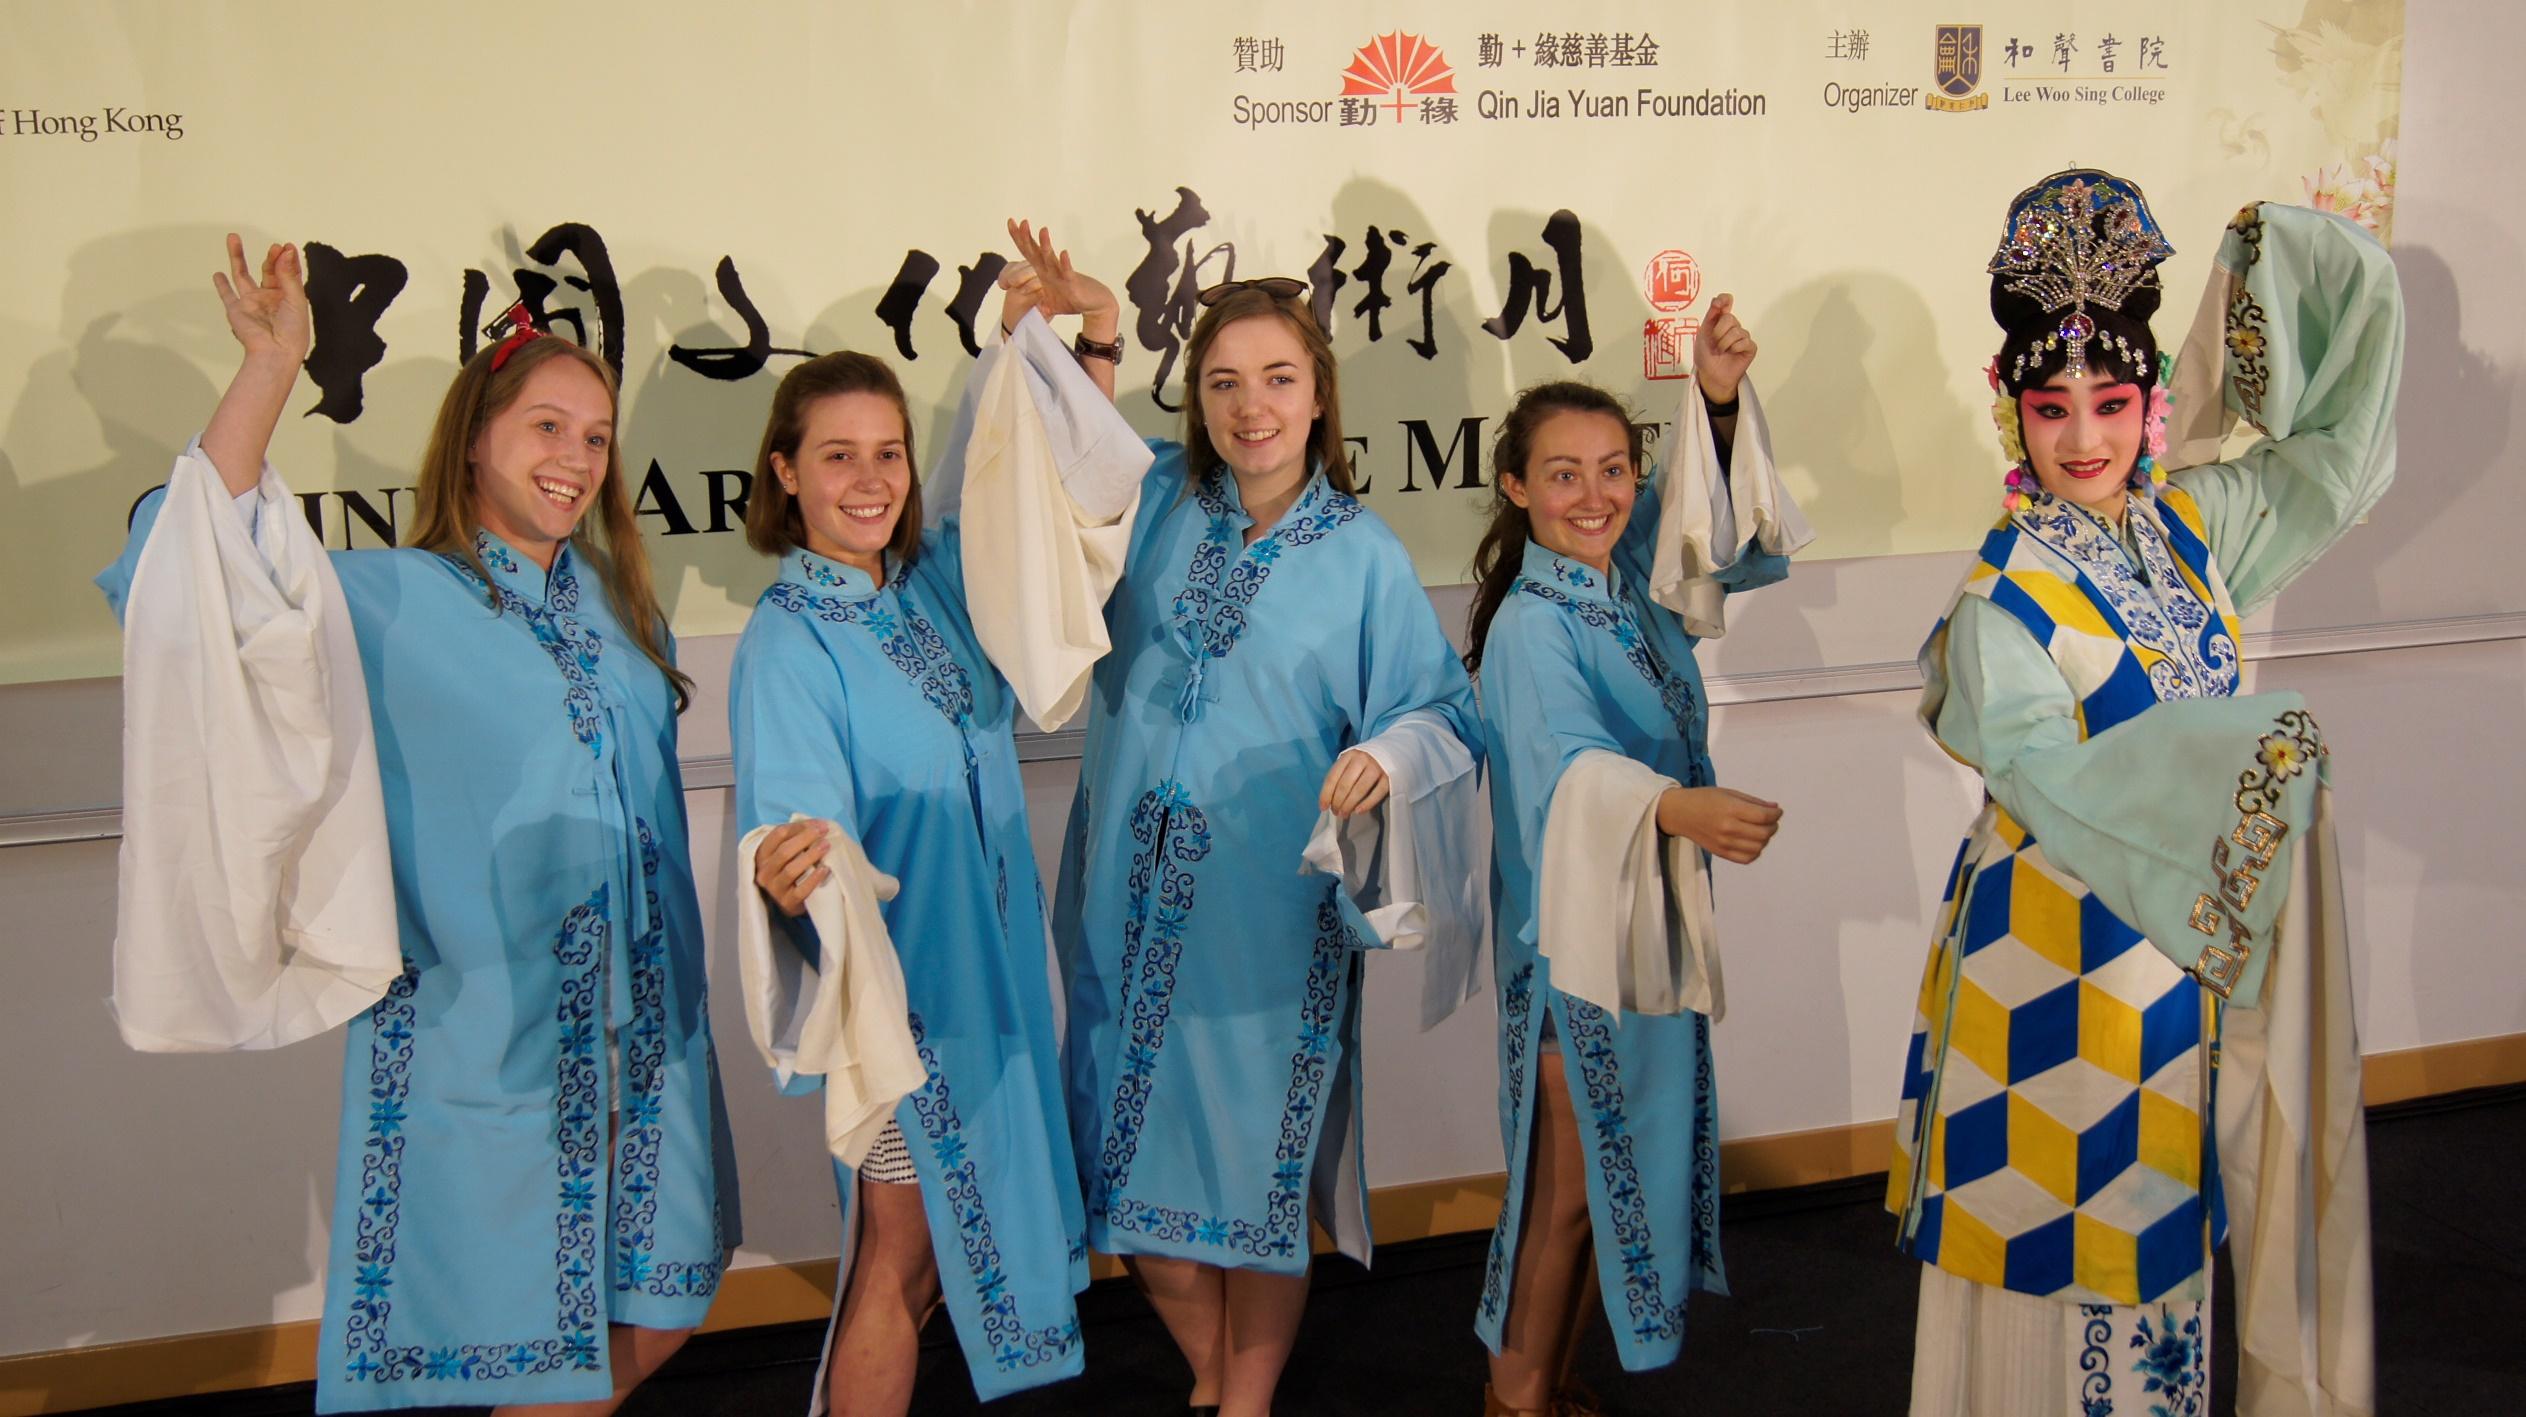 海外學生嘗試京劇造手